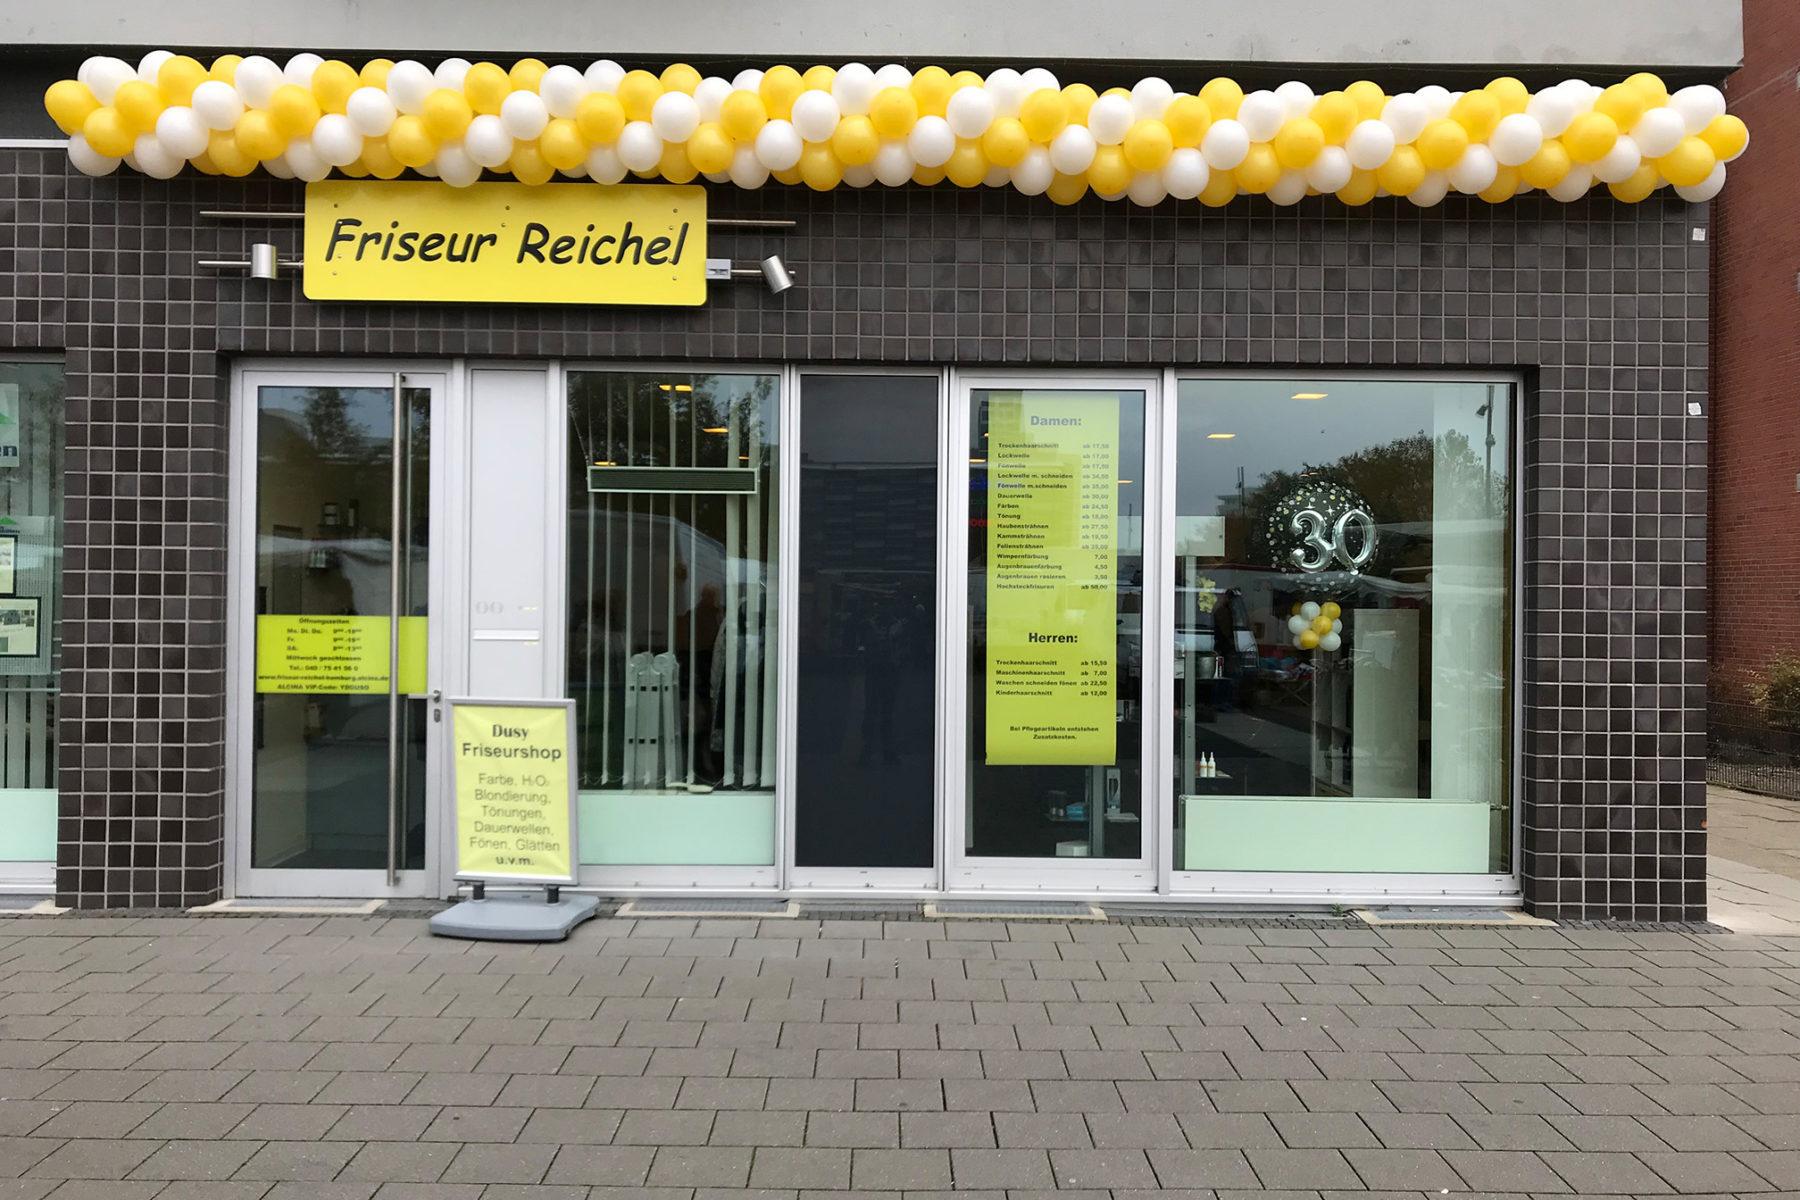 Event-Balloons Friseur Reichel Ballongirlande zweifarbig gelb weiß